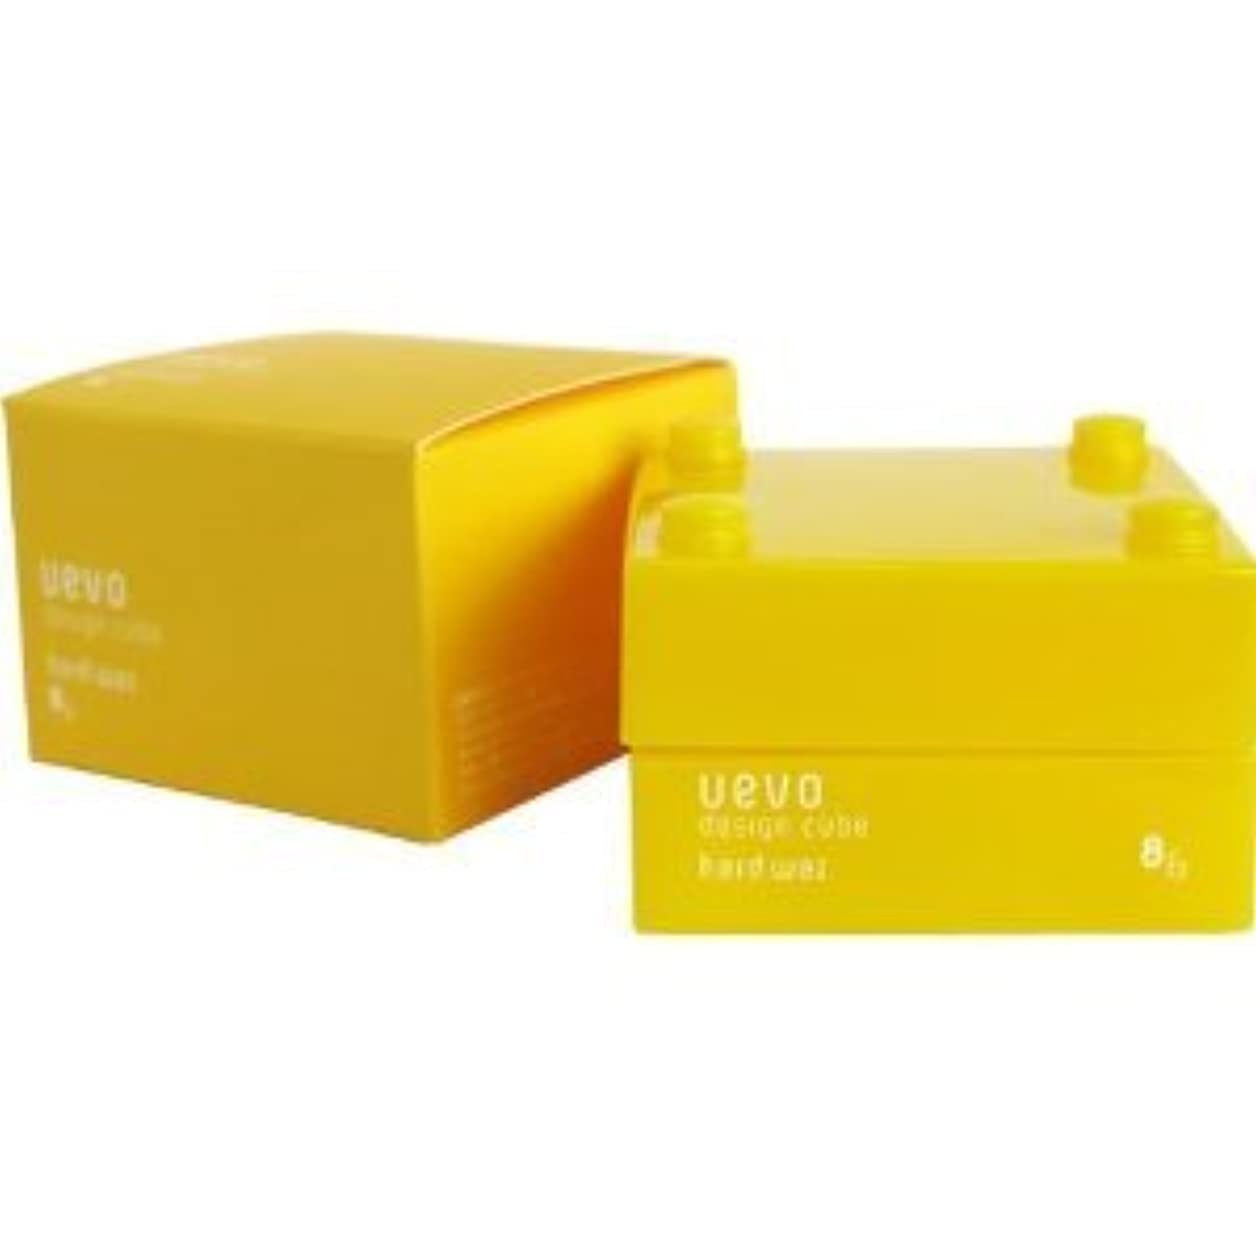 秘書自発文明化【X2個セット】 デミ ウェーボ デザインキューブ ハードワックス 30g hard wax DEMI uevo design cube